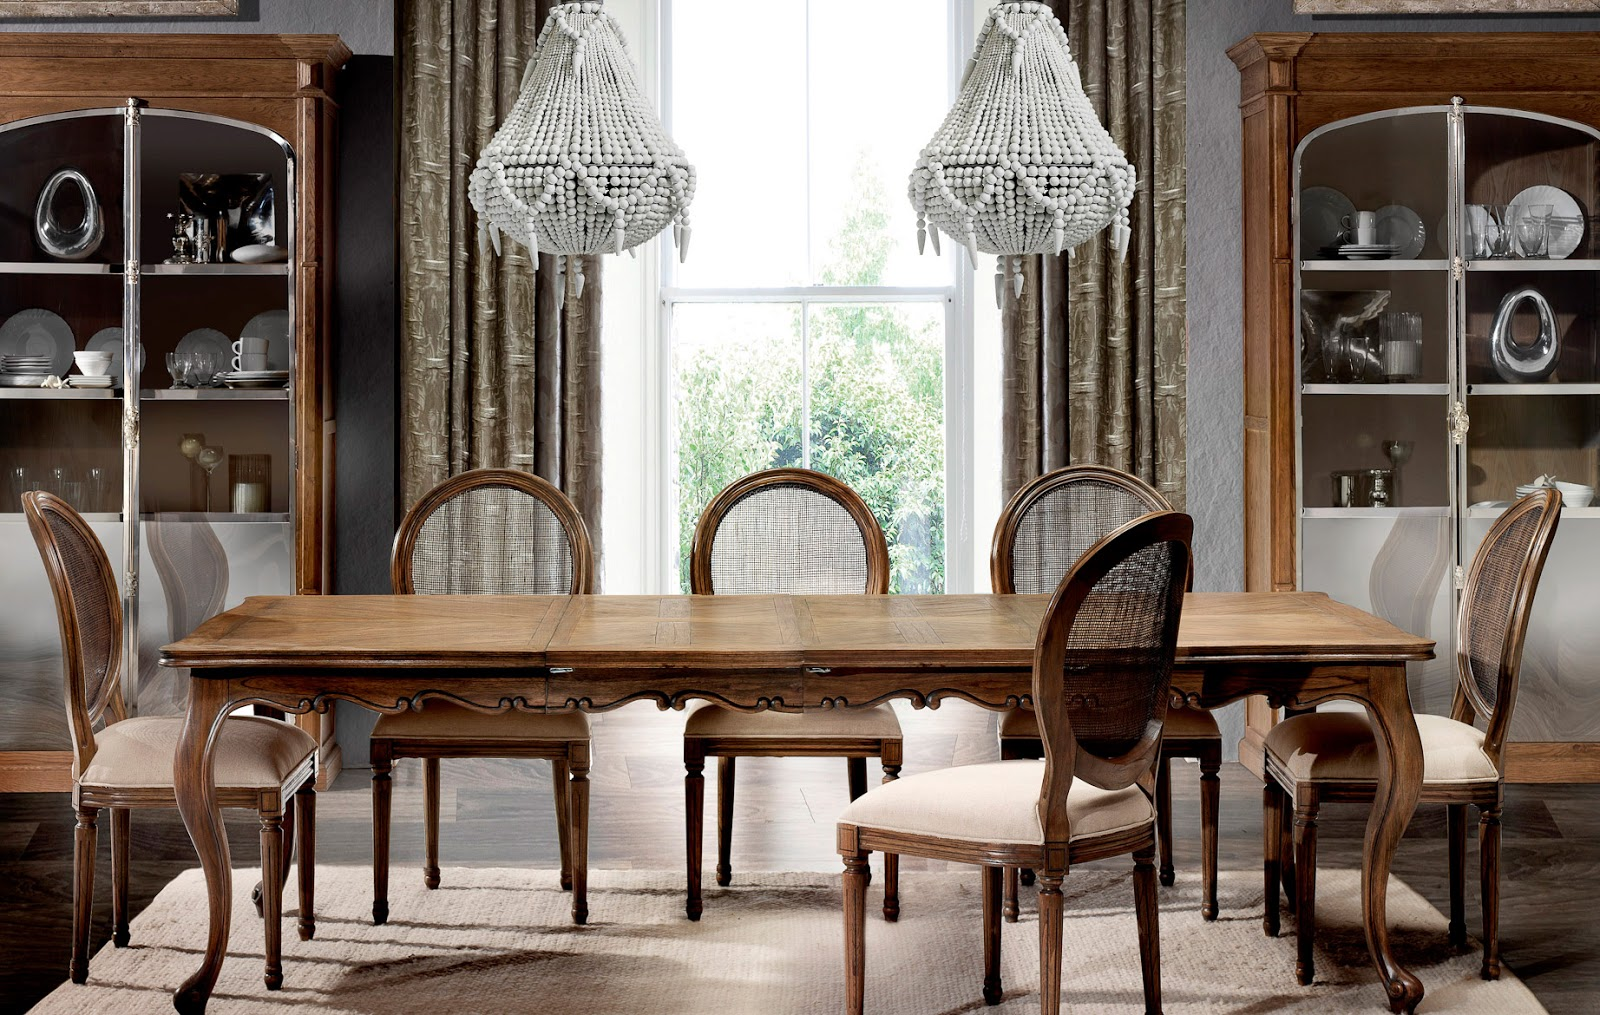 Muebles de comedor comedores clasicos ejemplo de elegancia for Muebles de comedor en madera